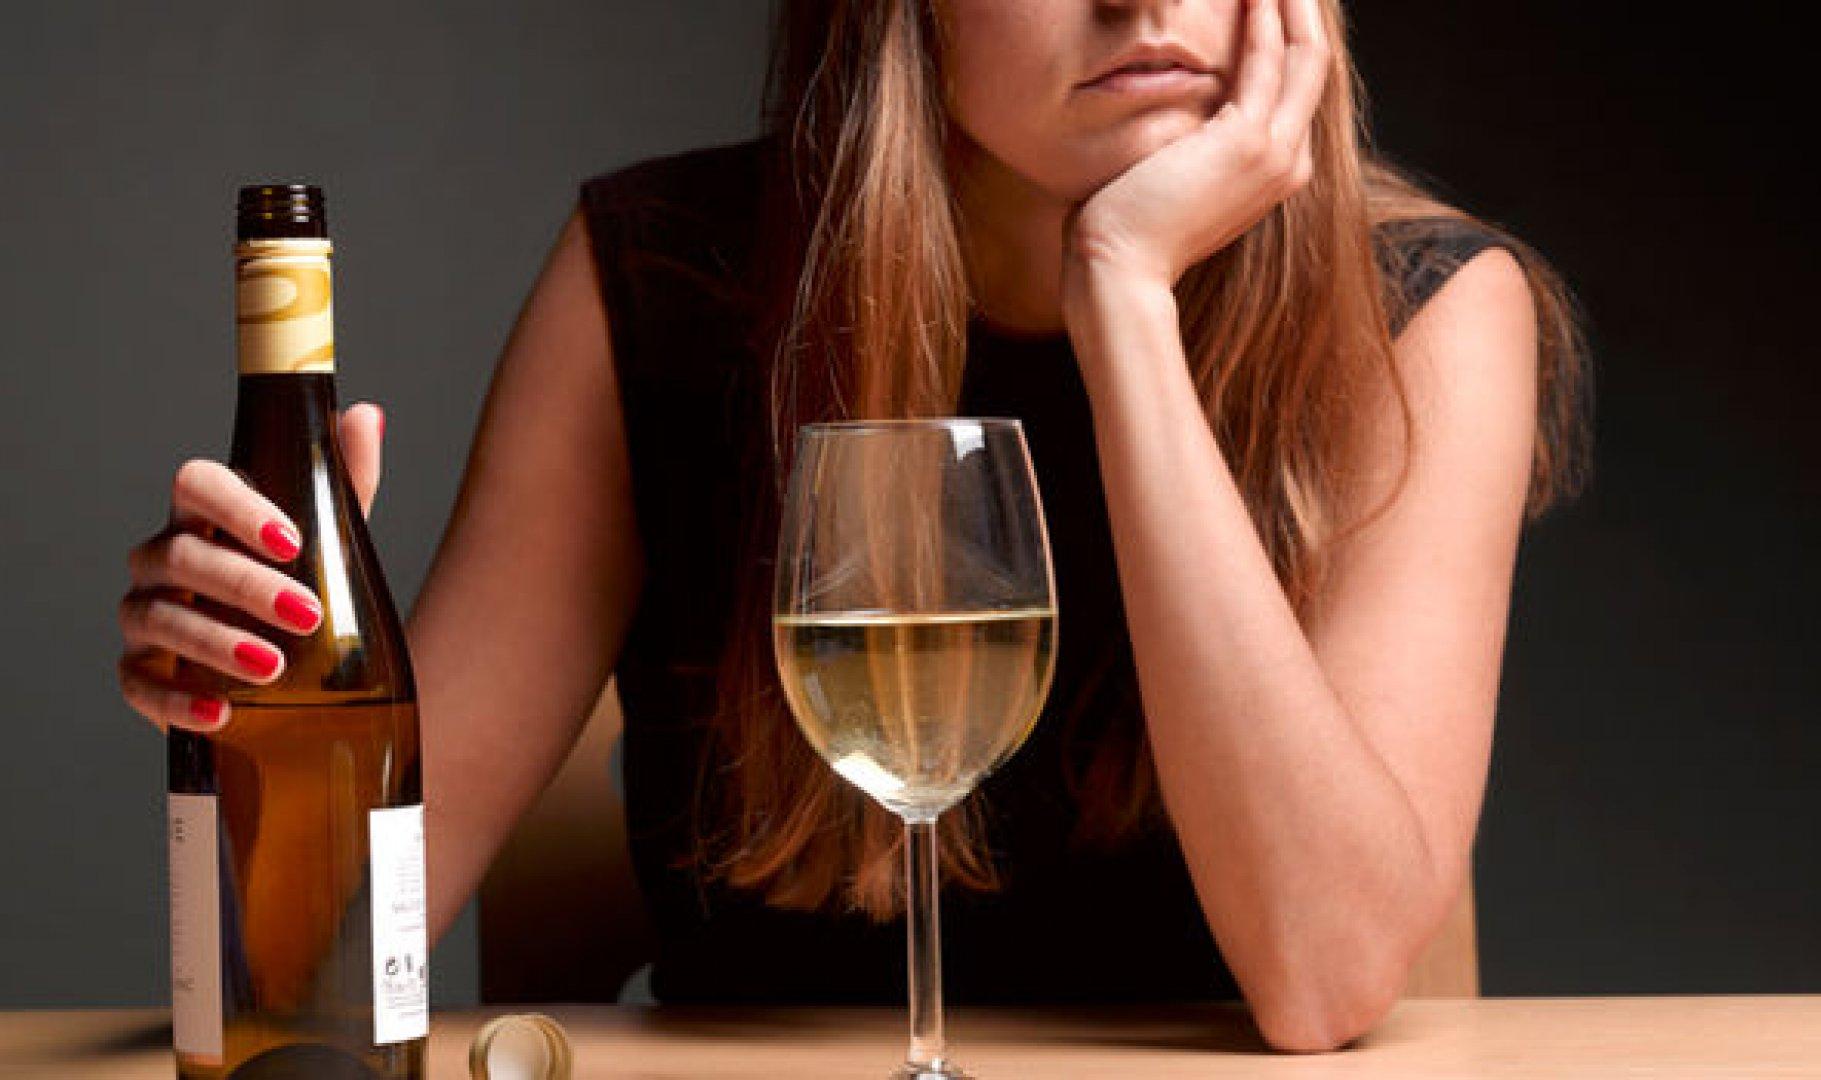 Как ограничить употребление алкоголя